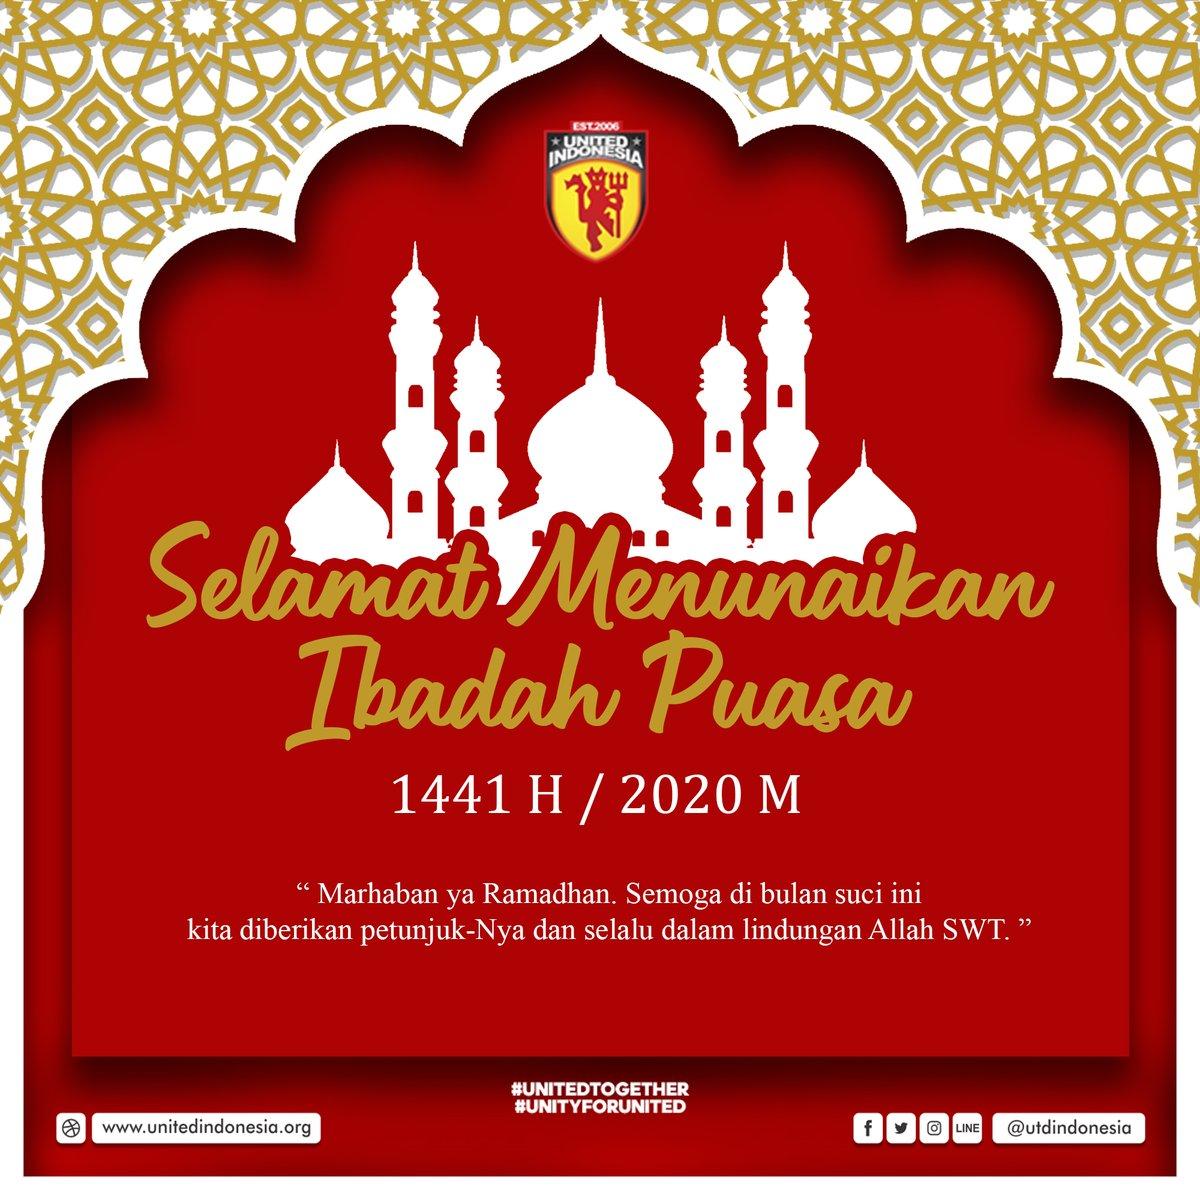 Selamat Menunaikan Ibadah Puasa Ramadhan 1441 H untuk semua umat Muslim  Jadikan Ramadhan kali ini sebagai ujian untuk memperkuat iman dan ketakwaan kita. Menjaga silaturrahmi, meski tak berjumpa. Saling menolong dan saling membantu.  #Ramadhan  #UtdIndonesia #UnitedTogether https://t.co/WCAj3yekoA